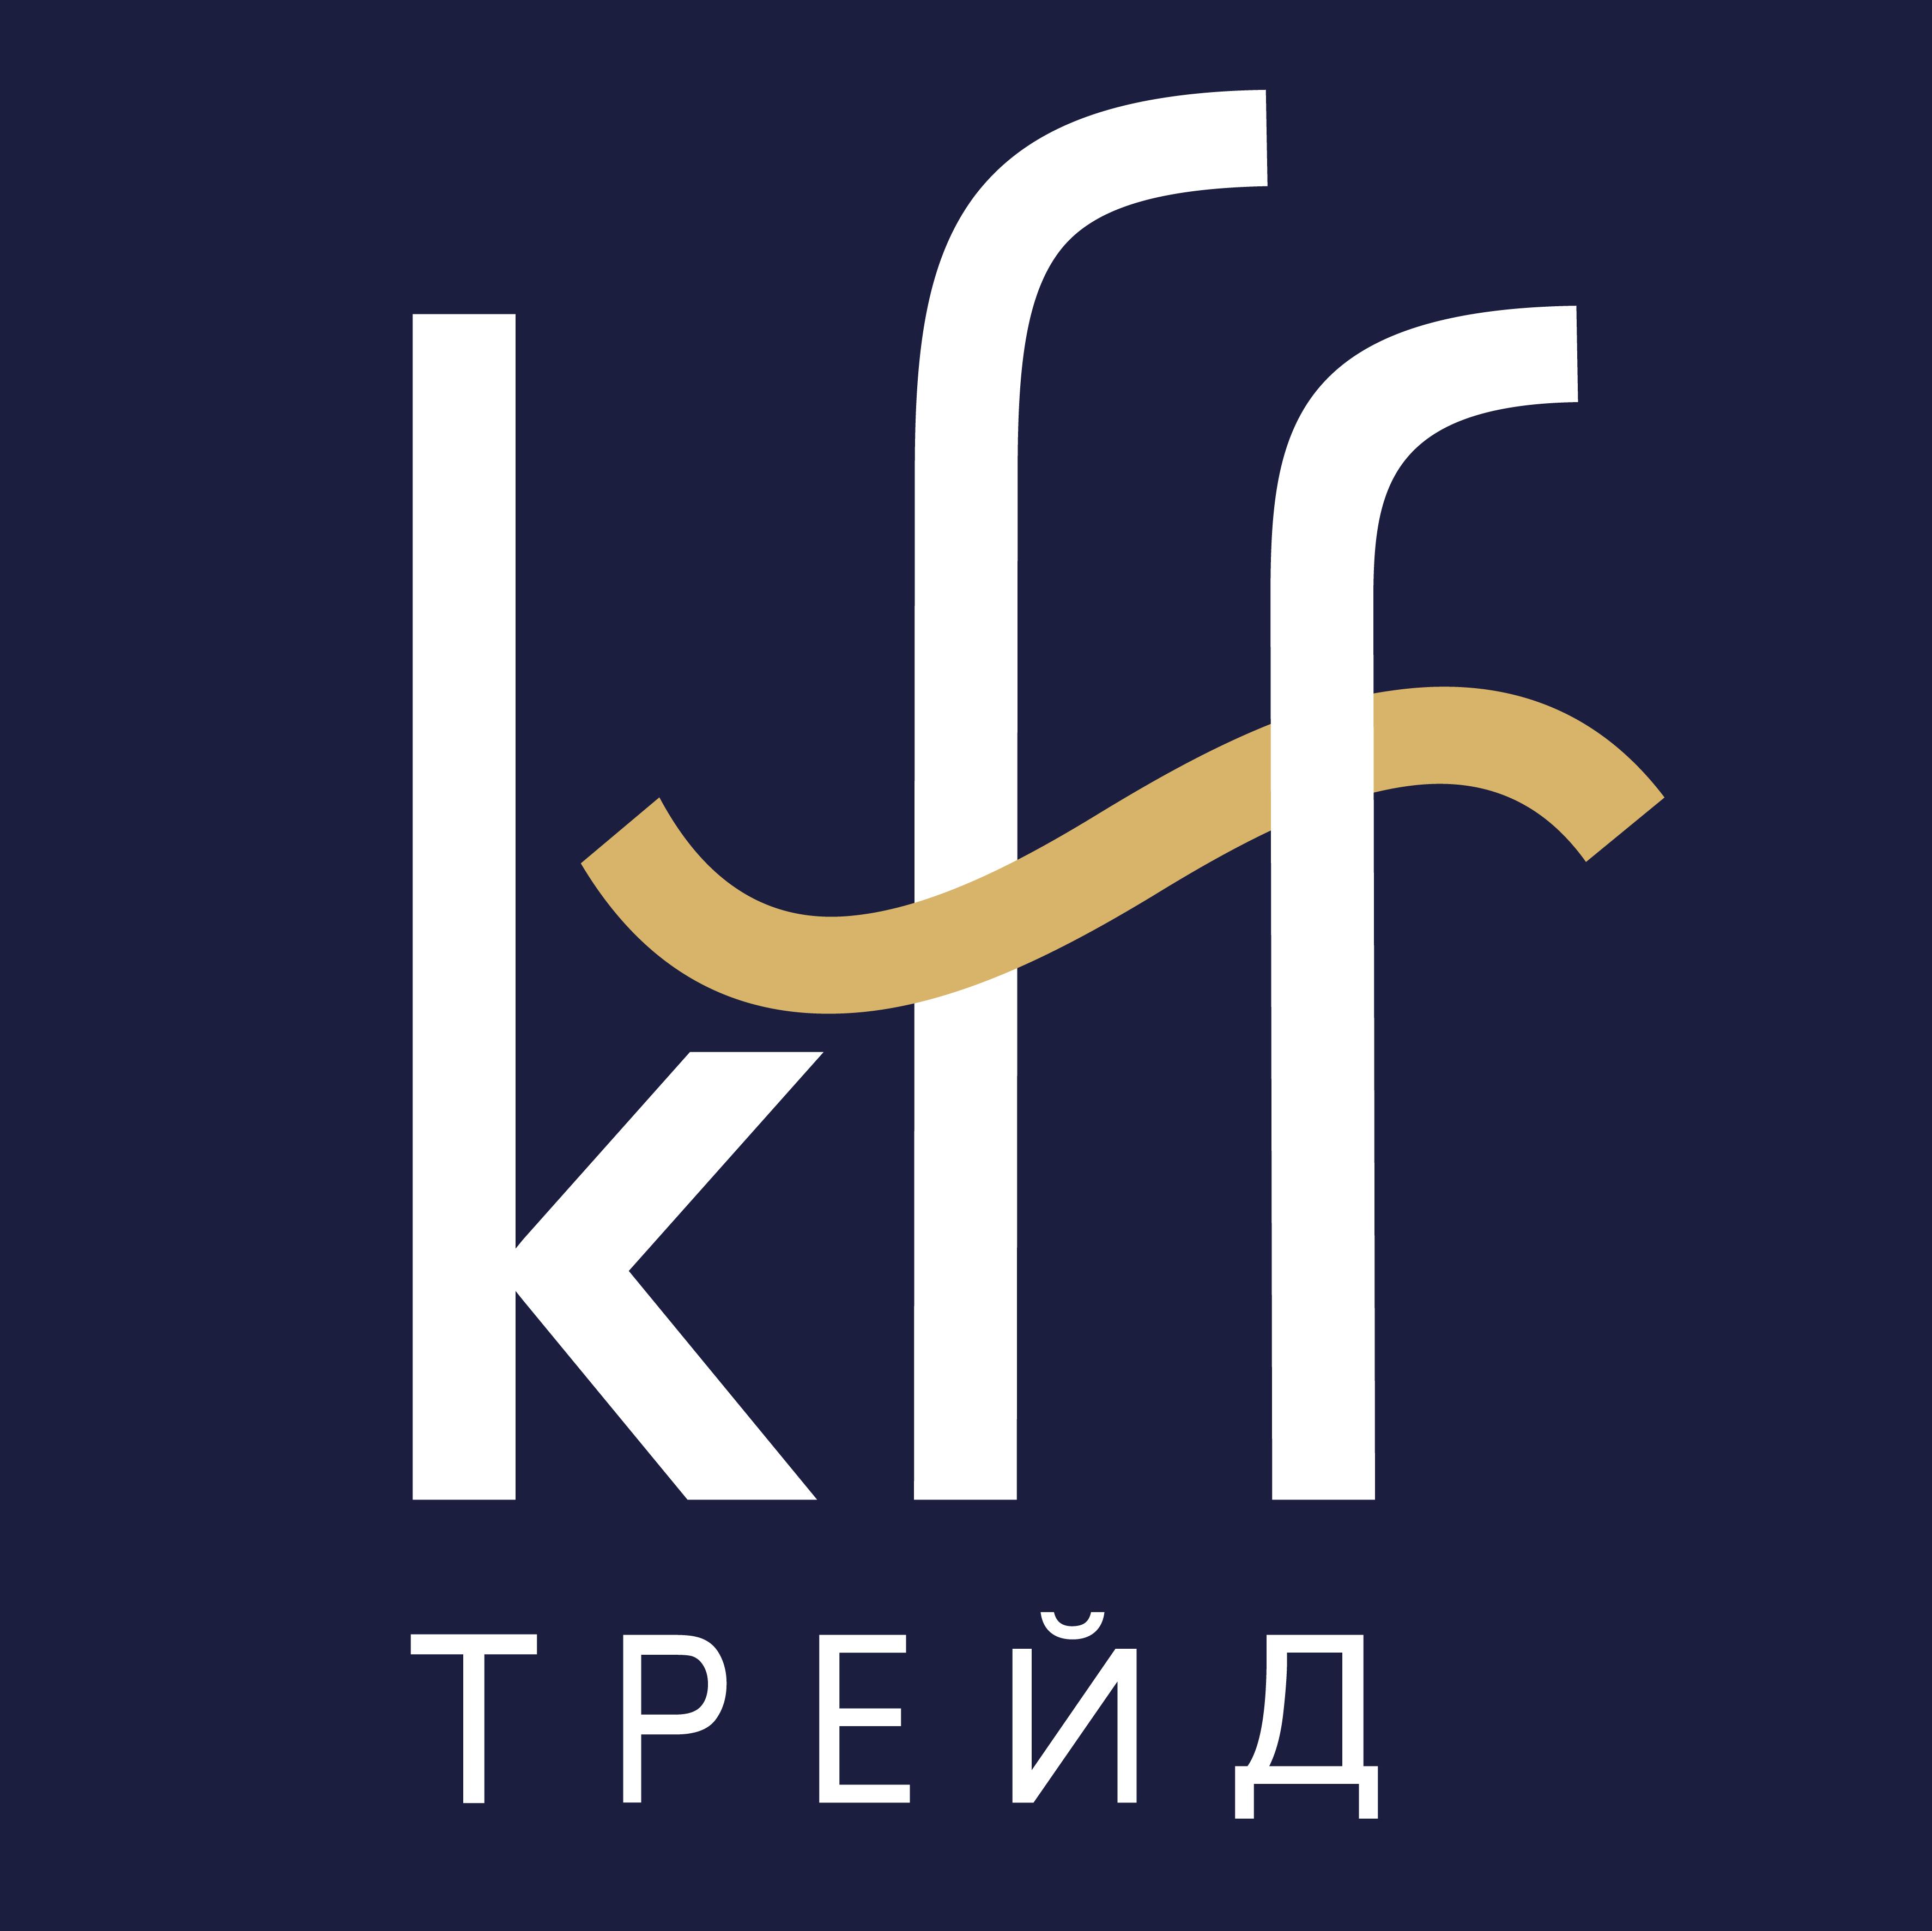 КФФ лого 2021 с золотой полосой